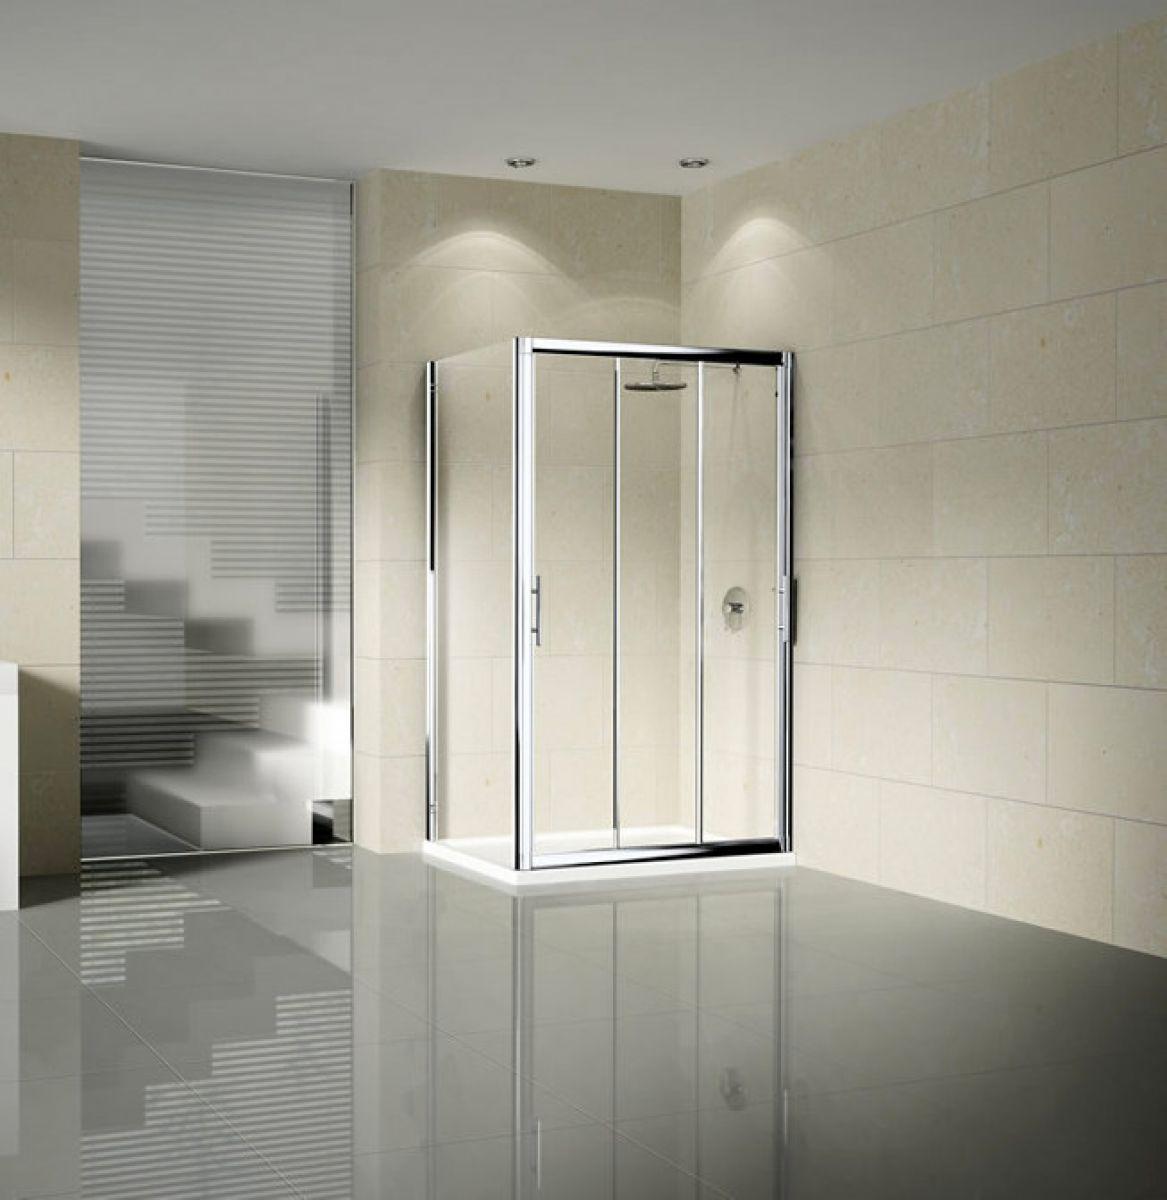 Novellini vision p three section sliding shower door for Novellini shower doors